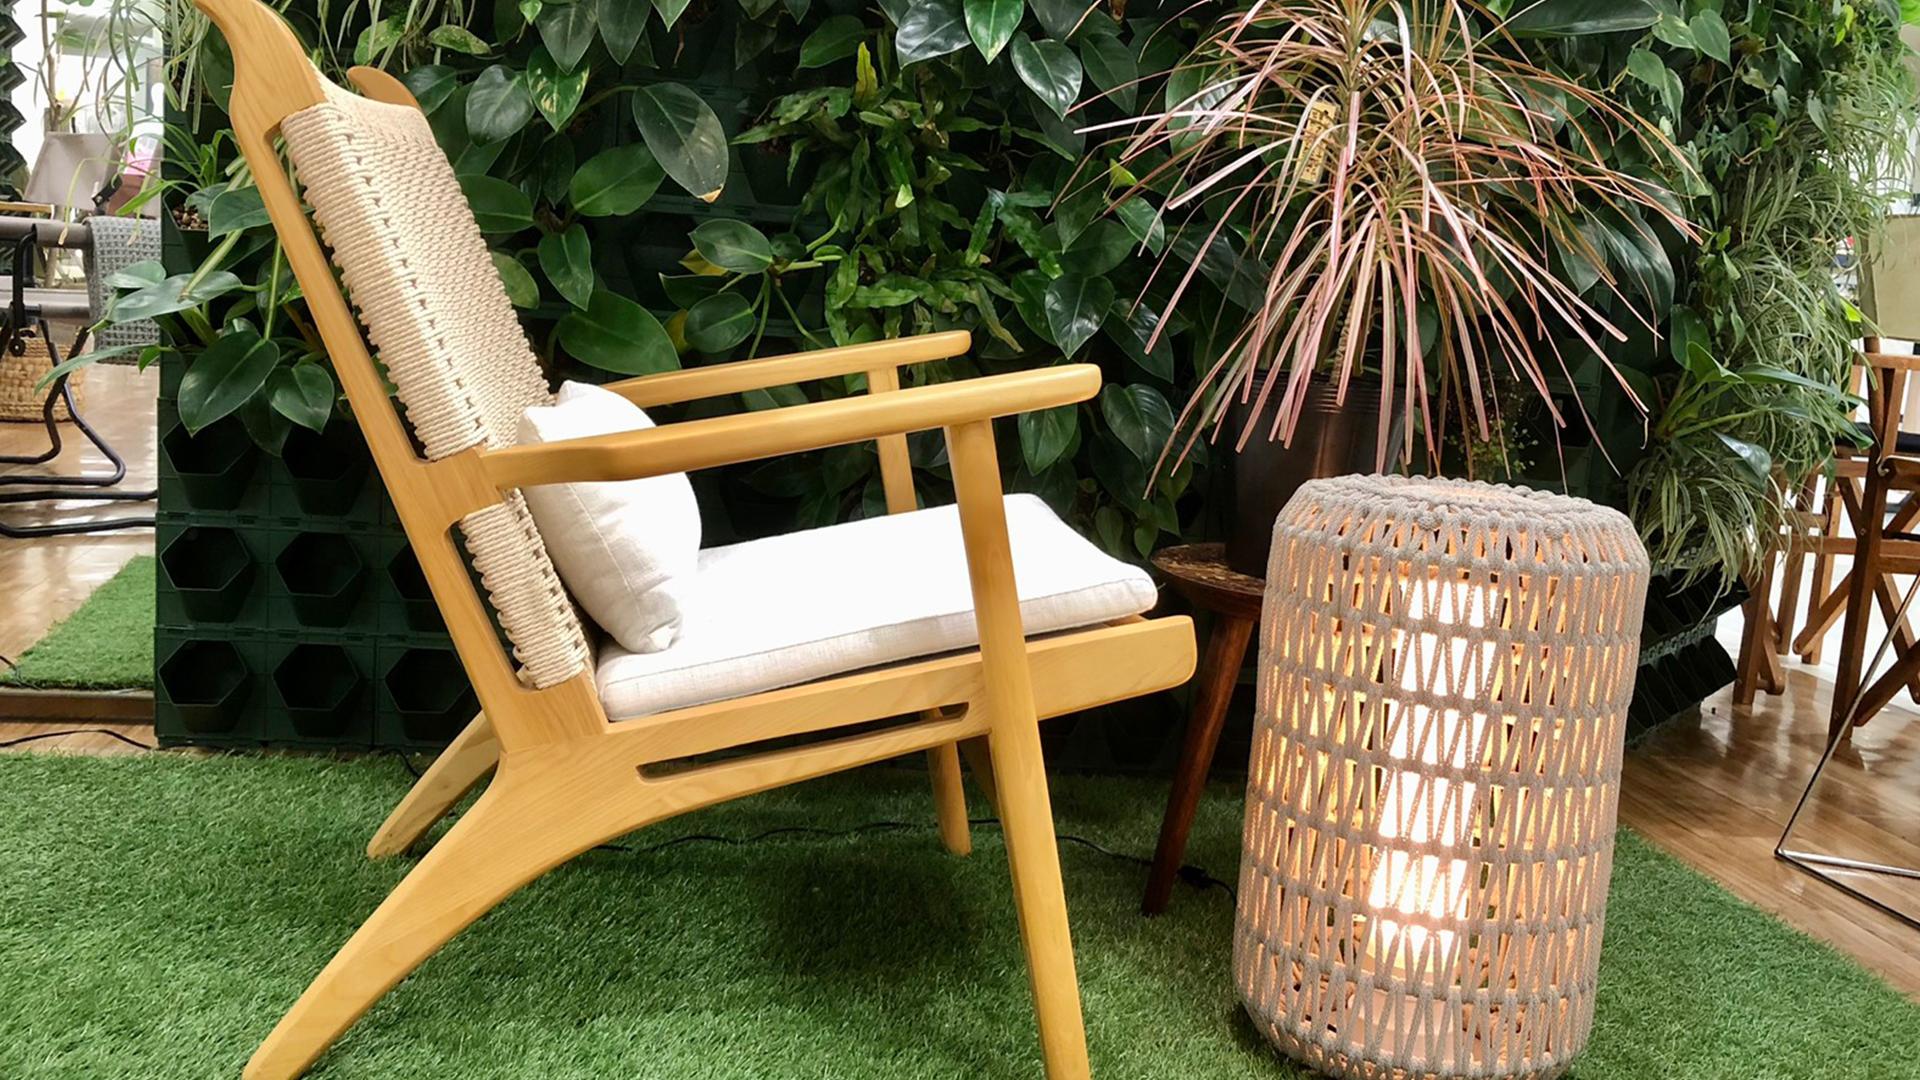 リラックスできるラウンジチェアの横からの画像。観葉植物と屋外で使用できるライトの画像。